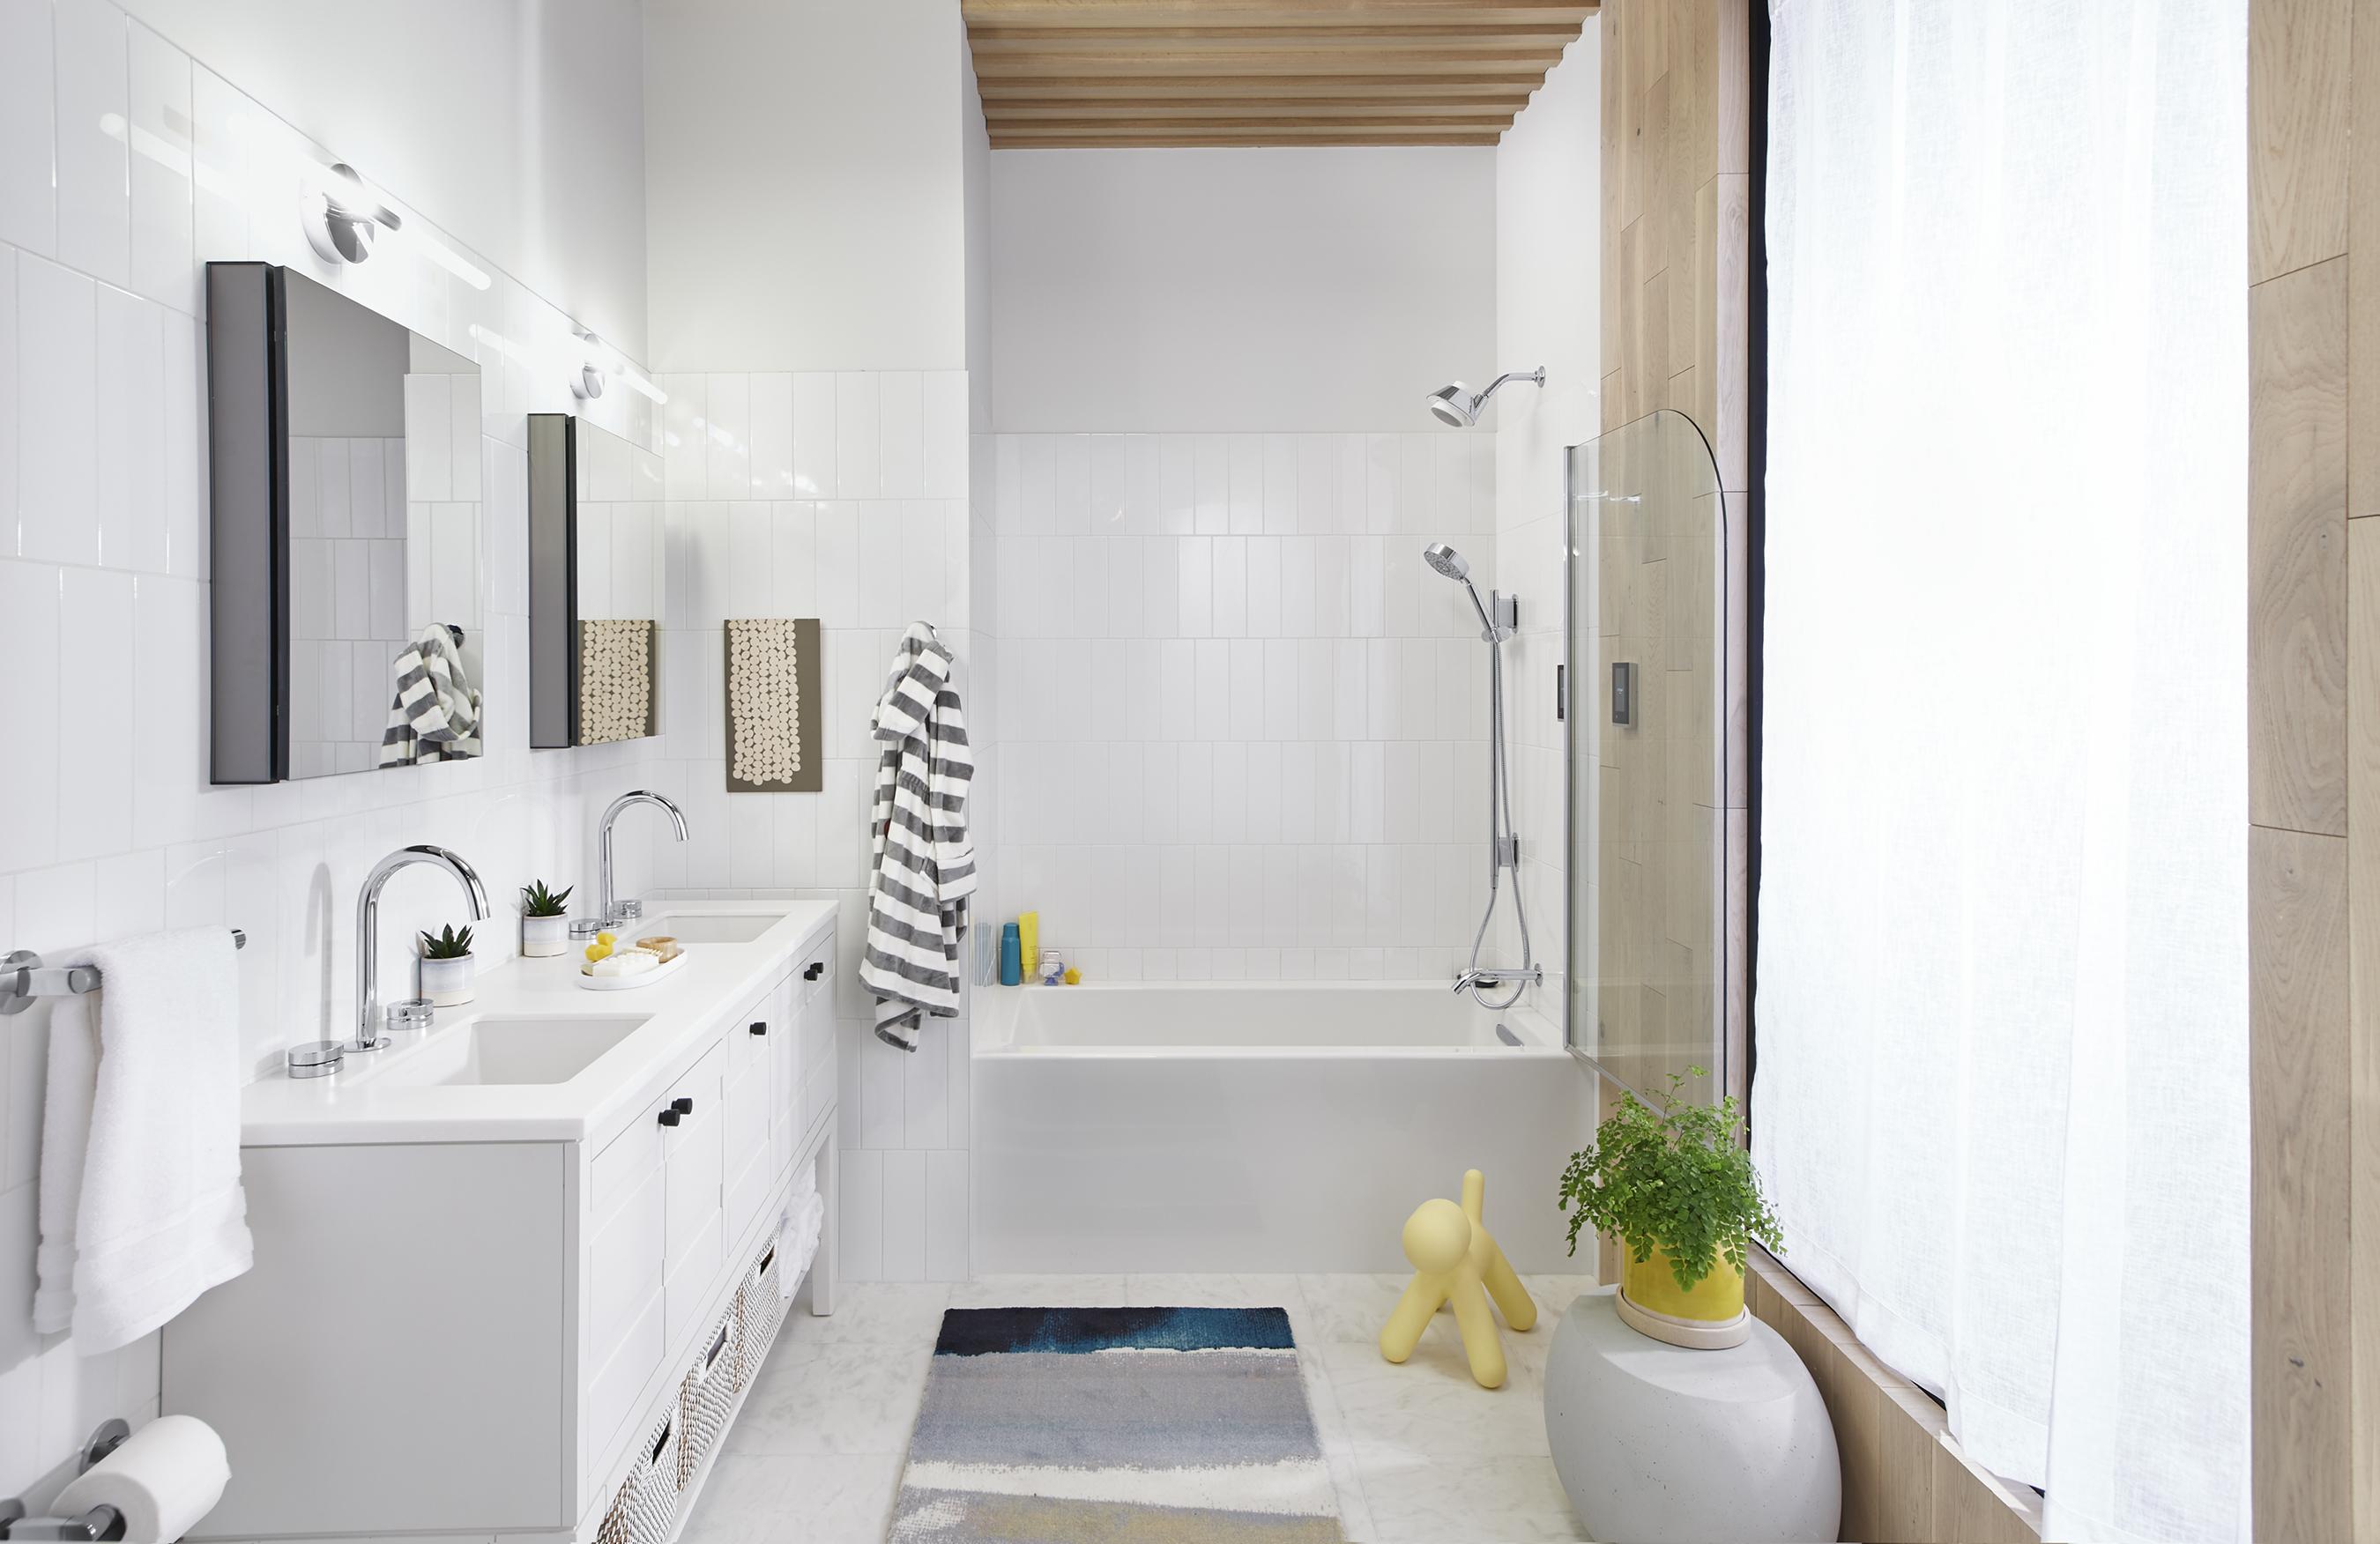 KOHLER Touchless Bathroom